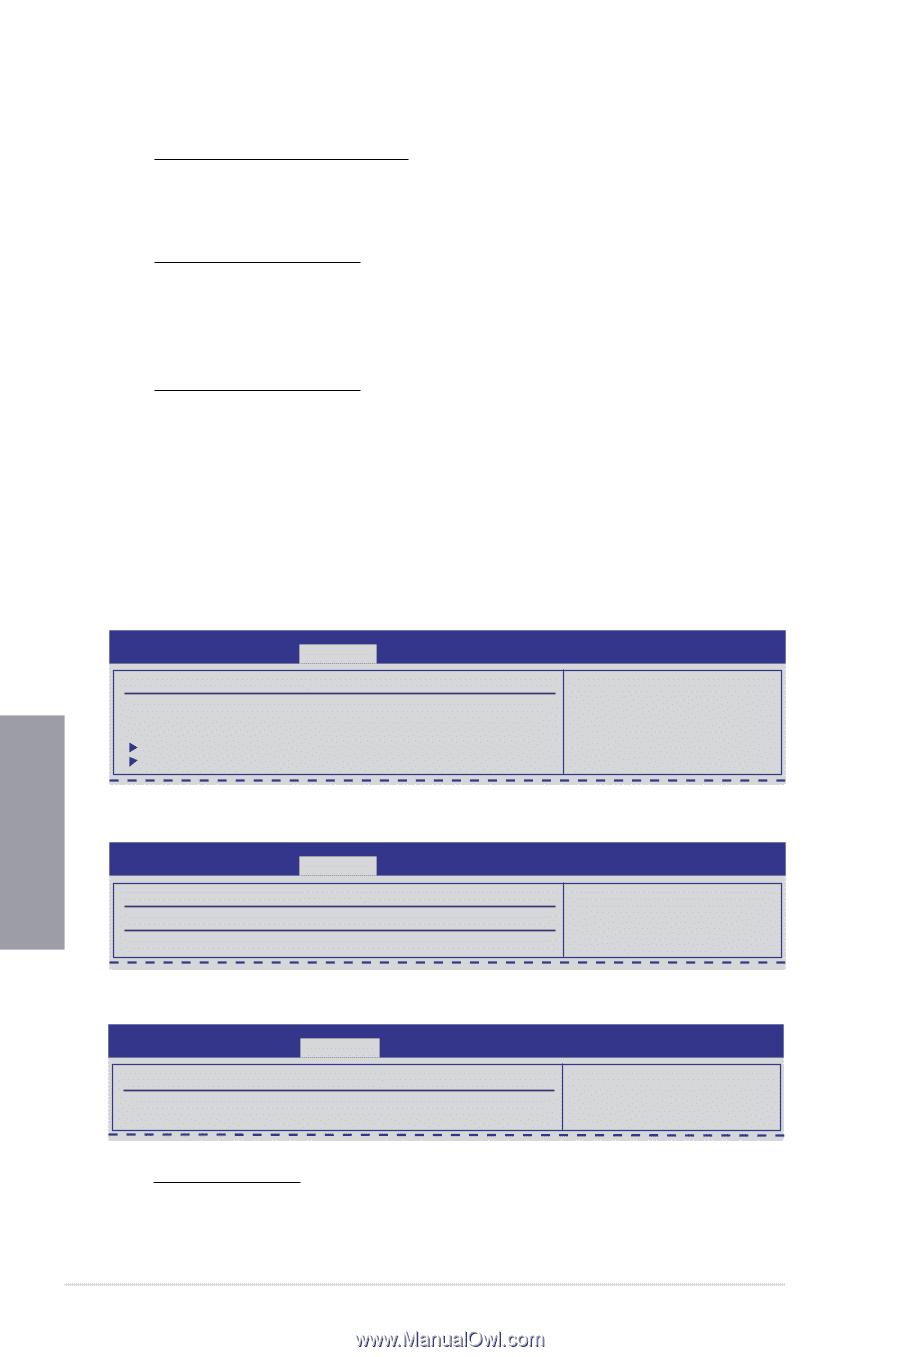 Asus Sabertooth X58 JMicron JMB36X Controller Windows 8 X64 Driver Download